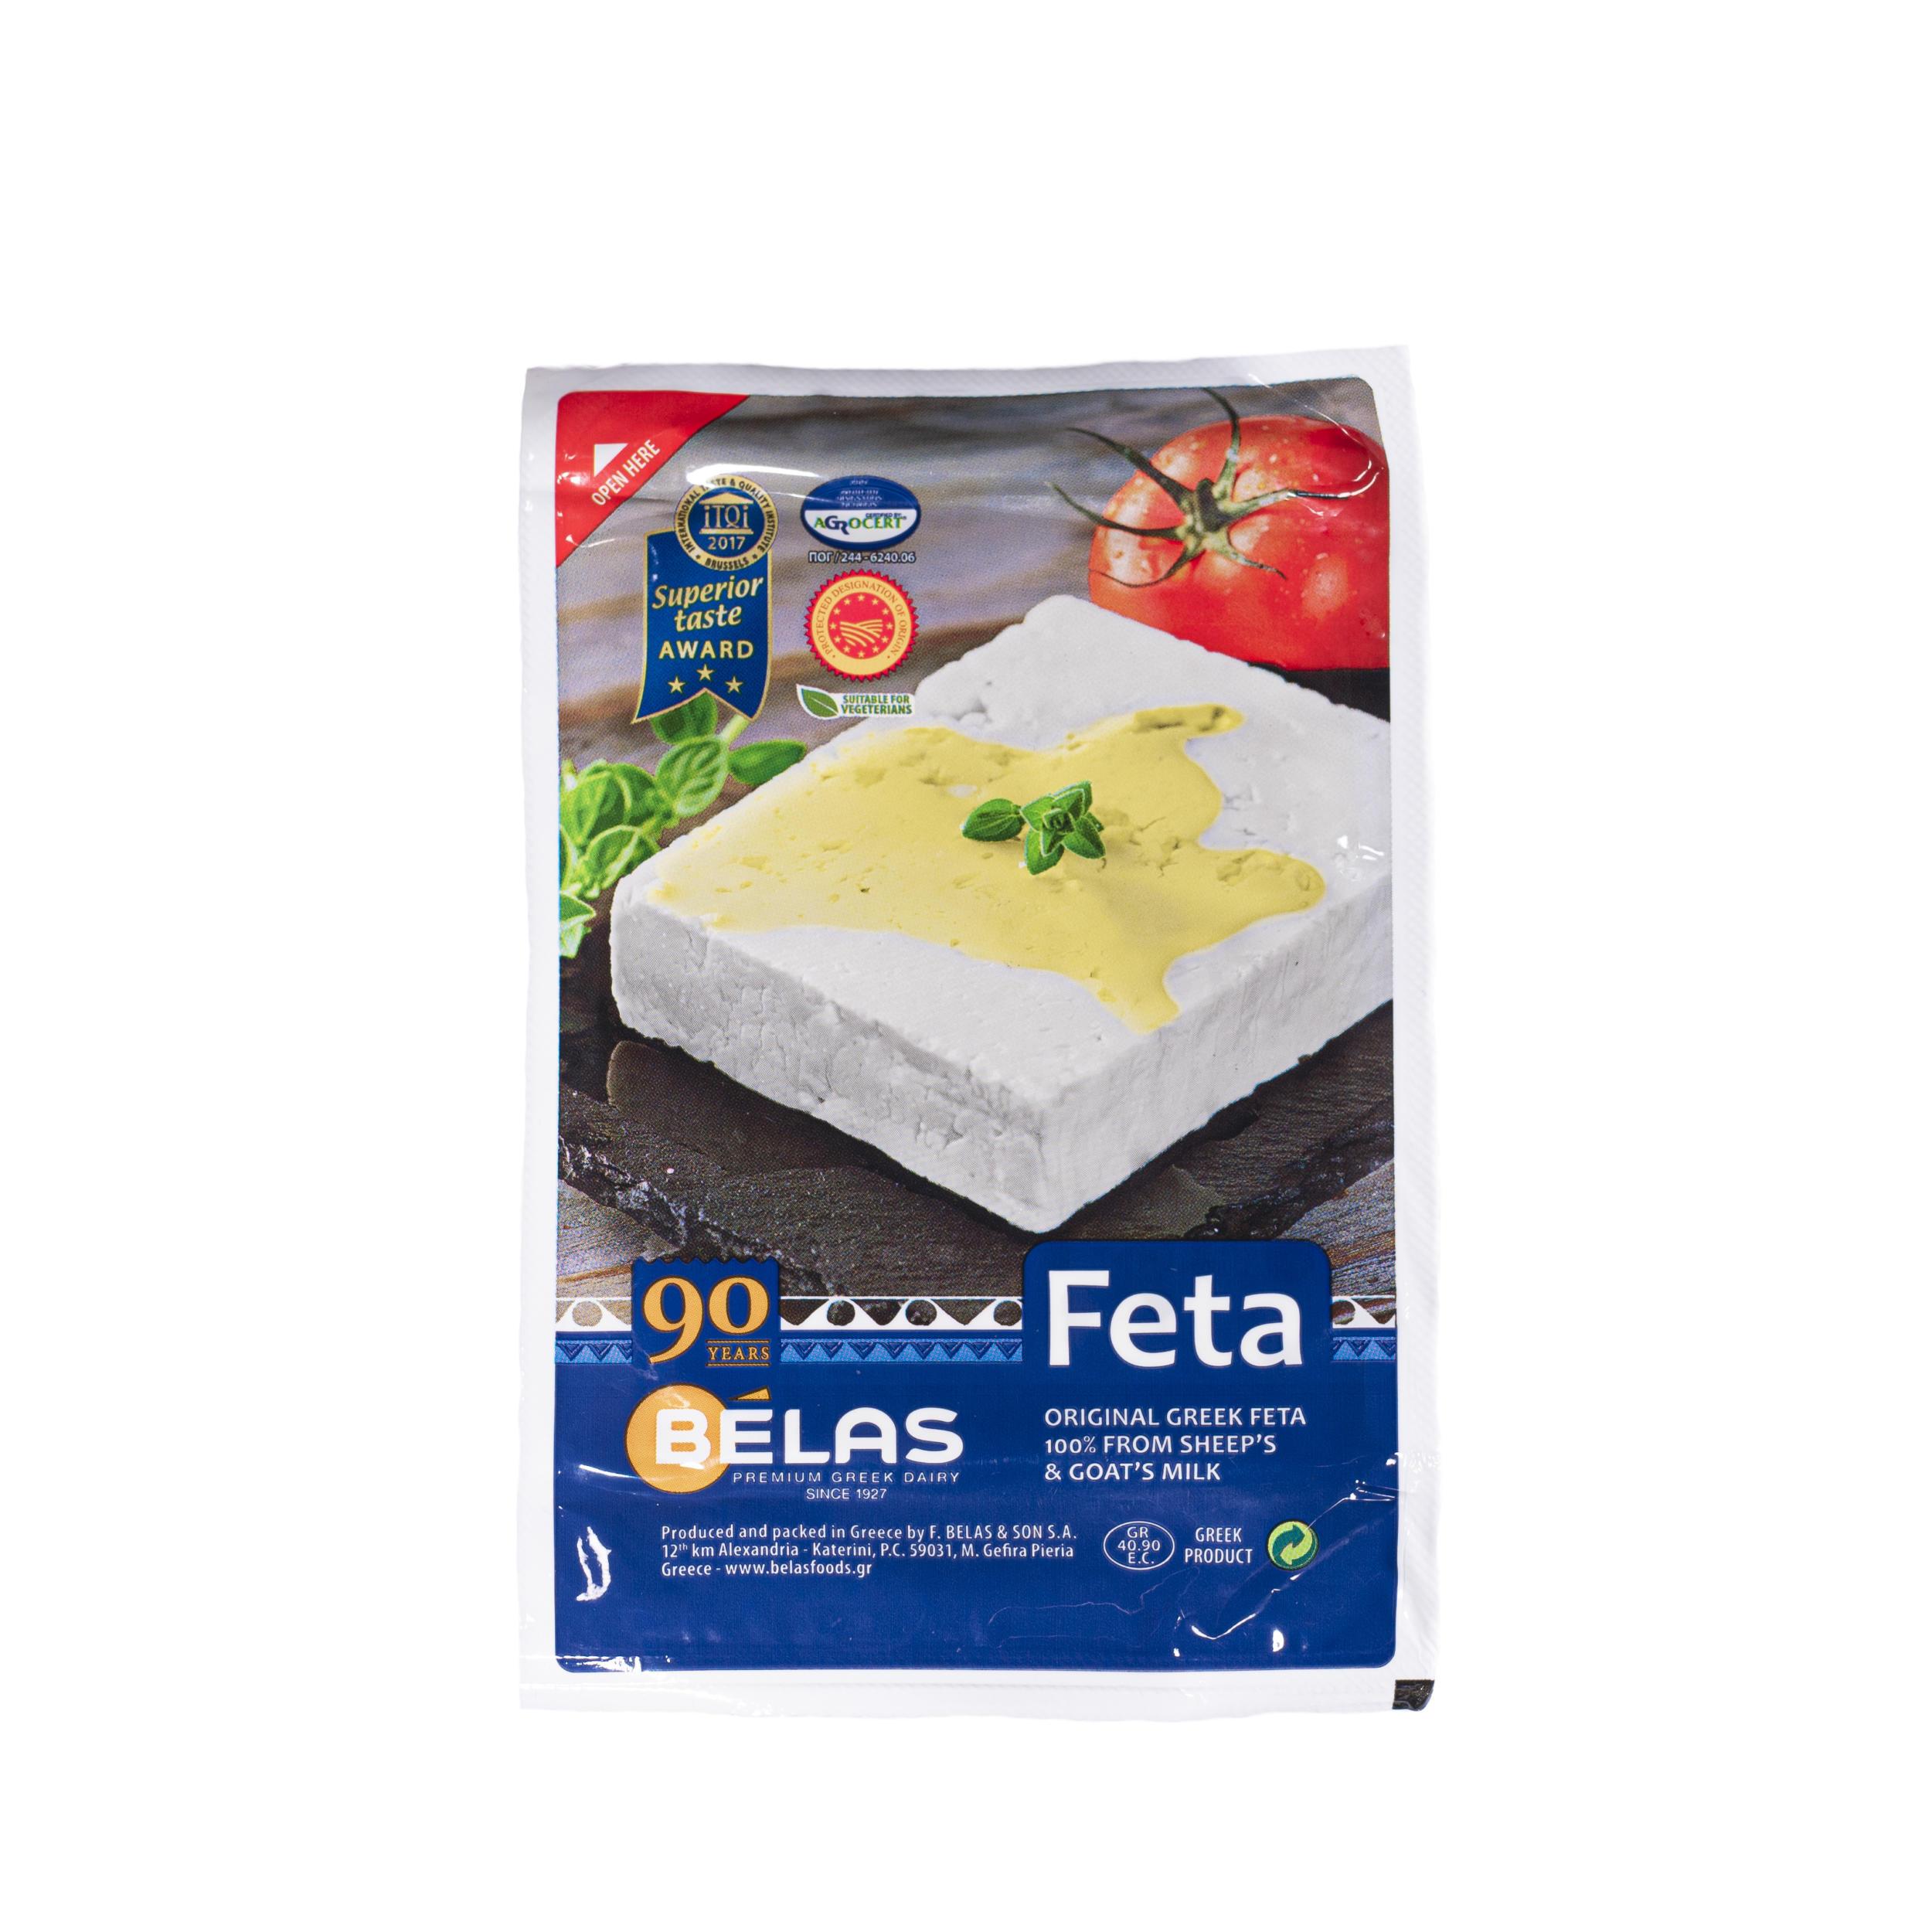 SG_PIKA_Feta-1